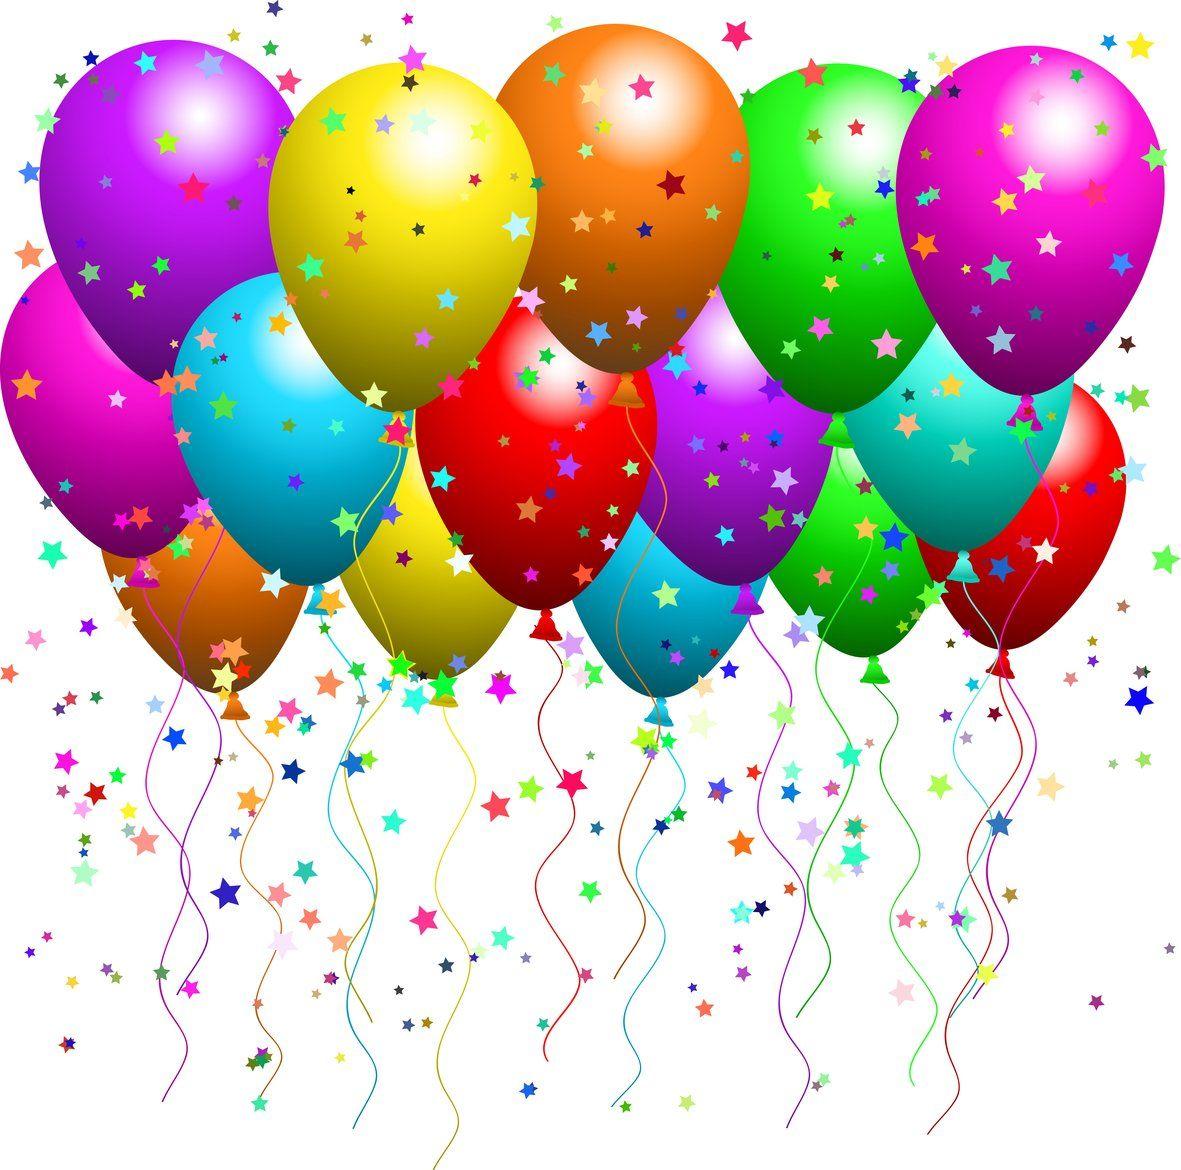 Dreamies De 6n5dkjridzn Jpg Geburtstag Luftballons Alles Gute